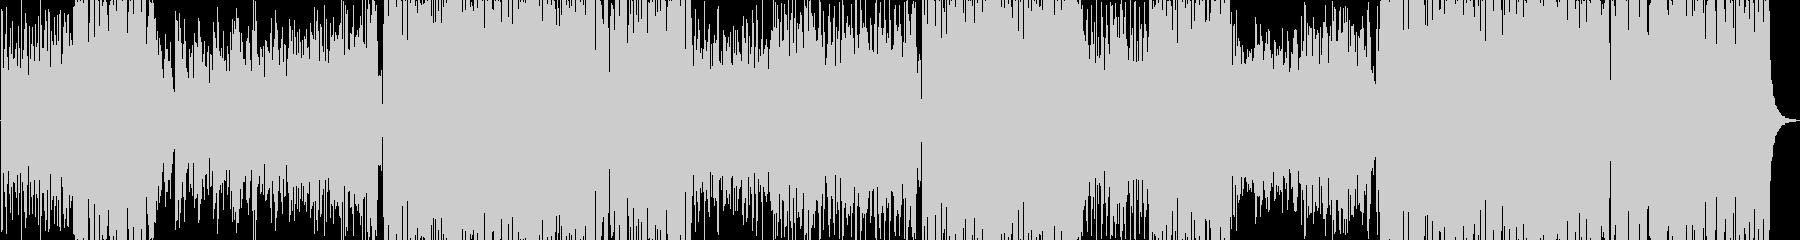 春満載♫西野カナ風華やかなバンドPopsの未再生の波形